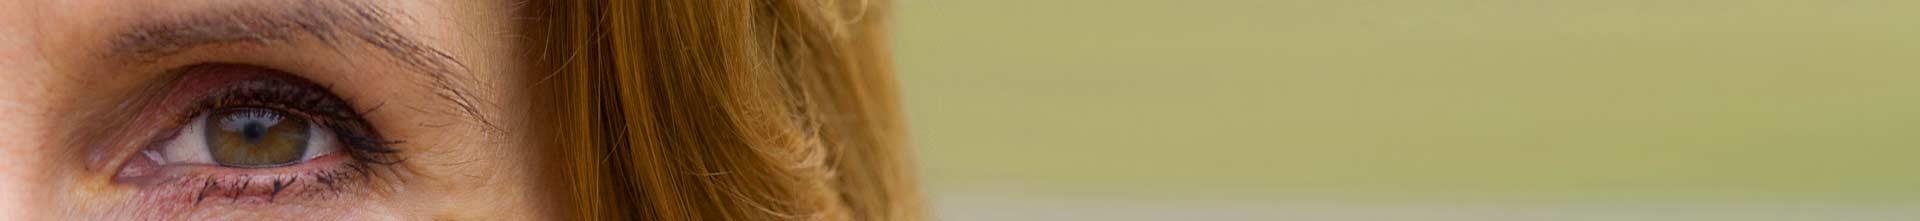 Ausschnitt des Gesichts von Alexandra Haring